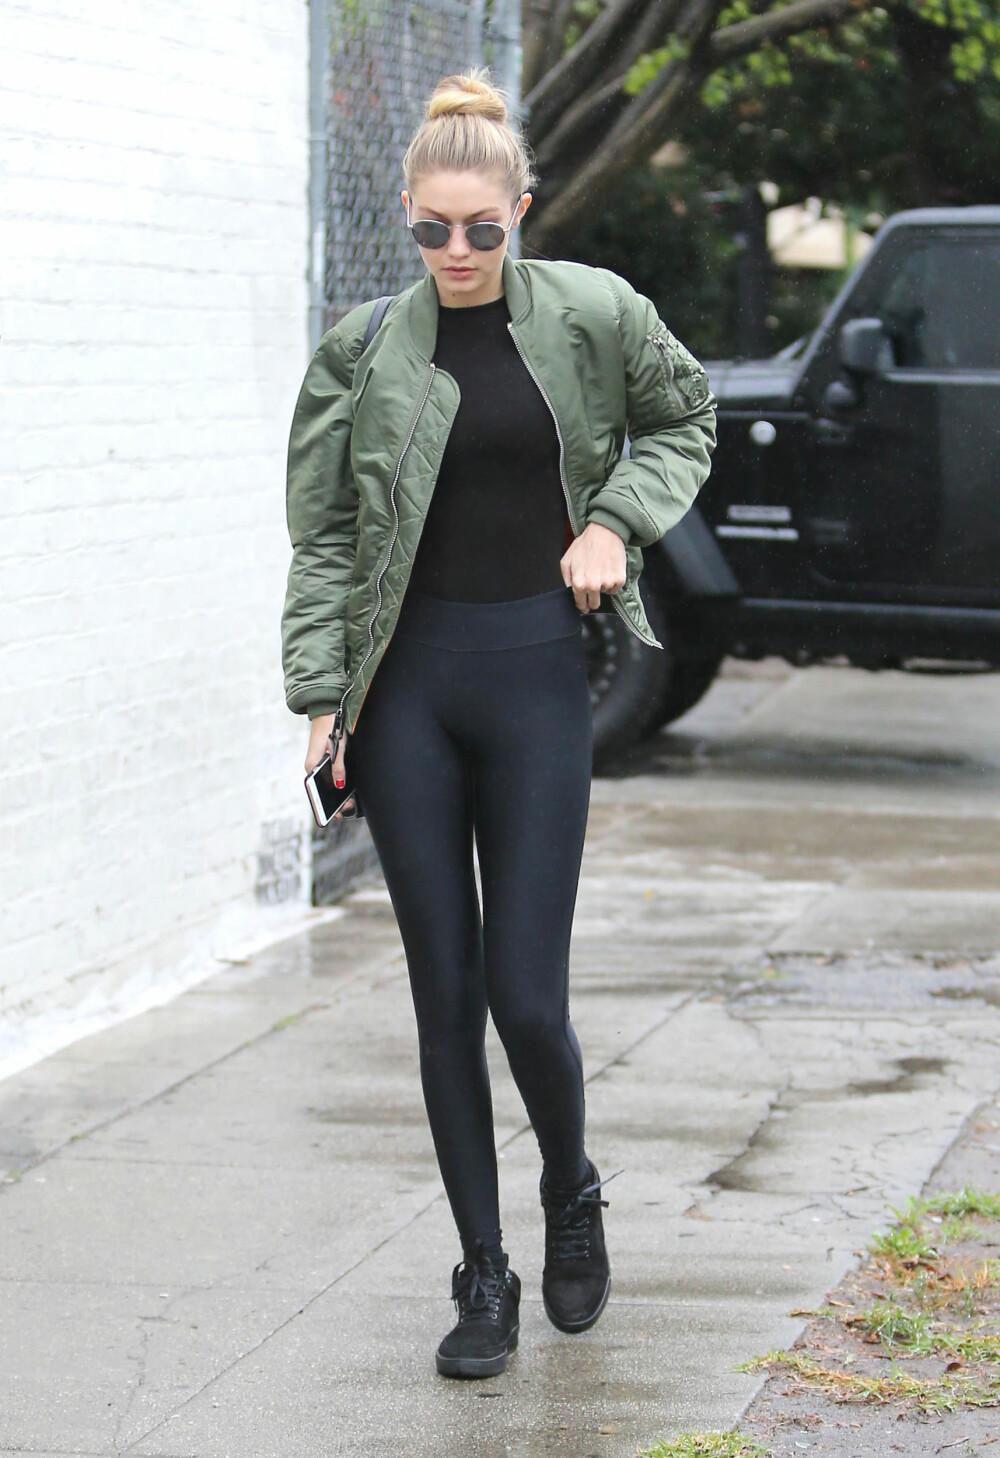 BOMBERJAKKE: Modell Gigi Hadid har allerede lagt sin elsk på bomberjakka.